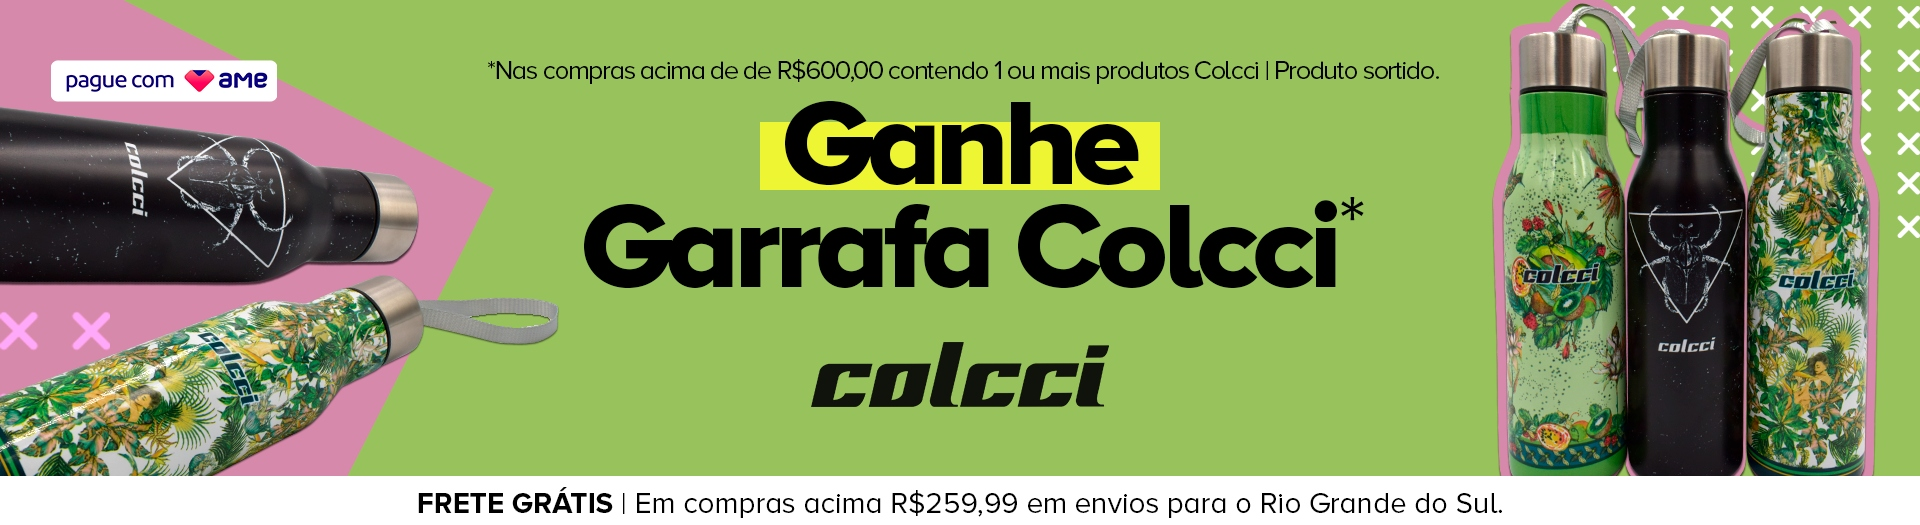 Garrafa Colcci desktop